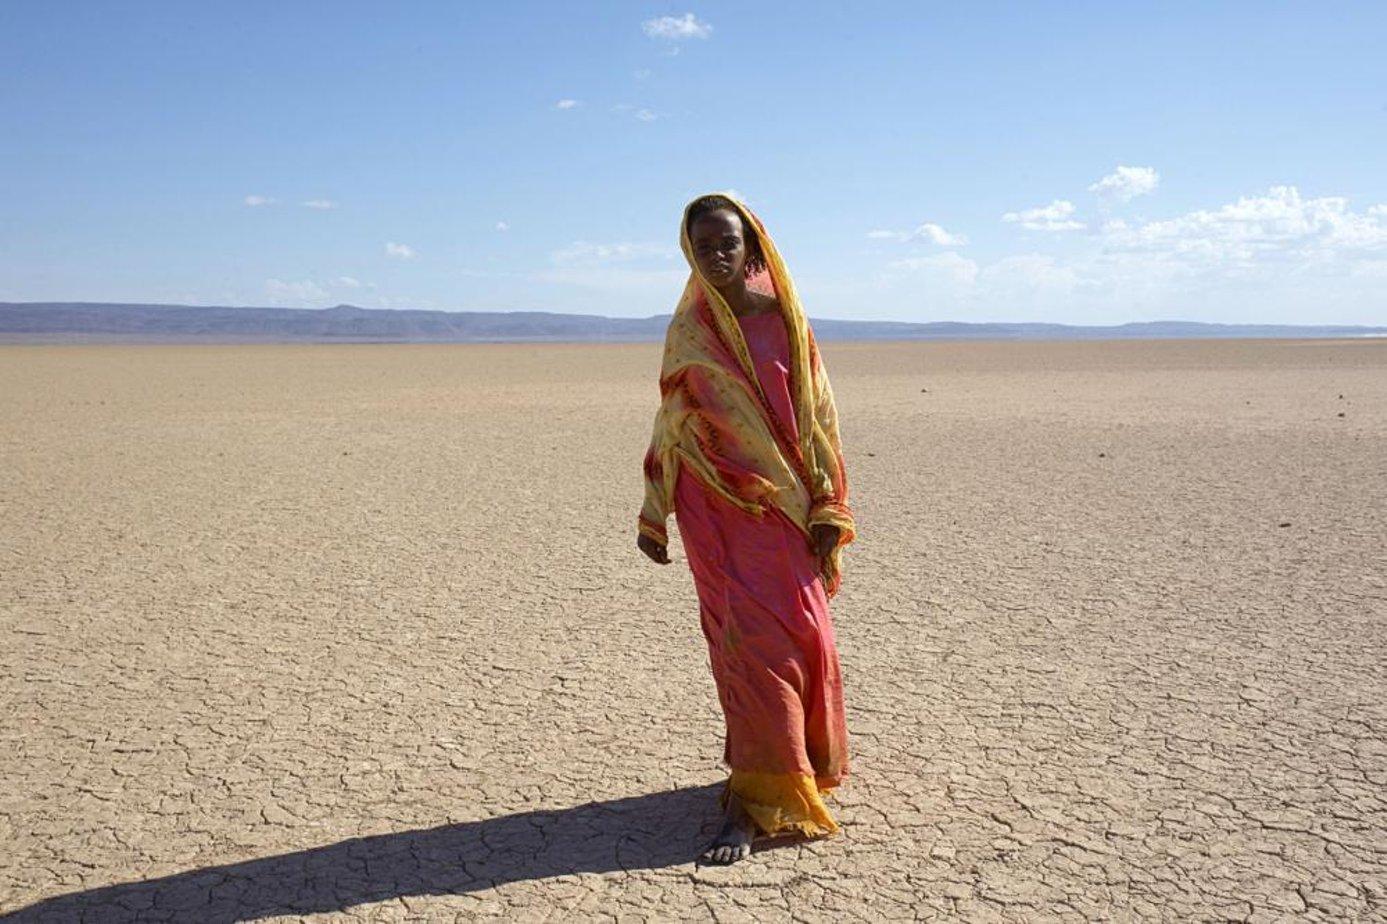 Женское обрезание, зачем это делают, в каких странах. Как делают обрезание у женщин. Цветок пустыни история известной модели, пережившей обрезание.